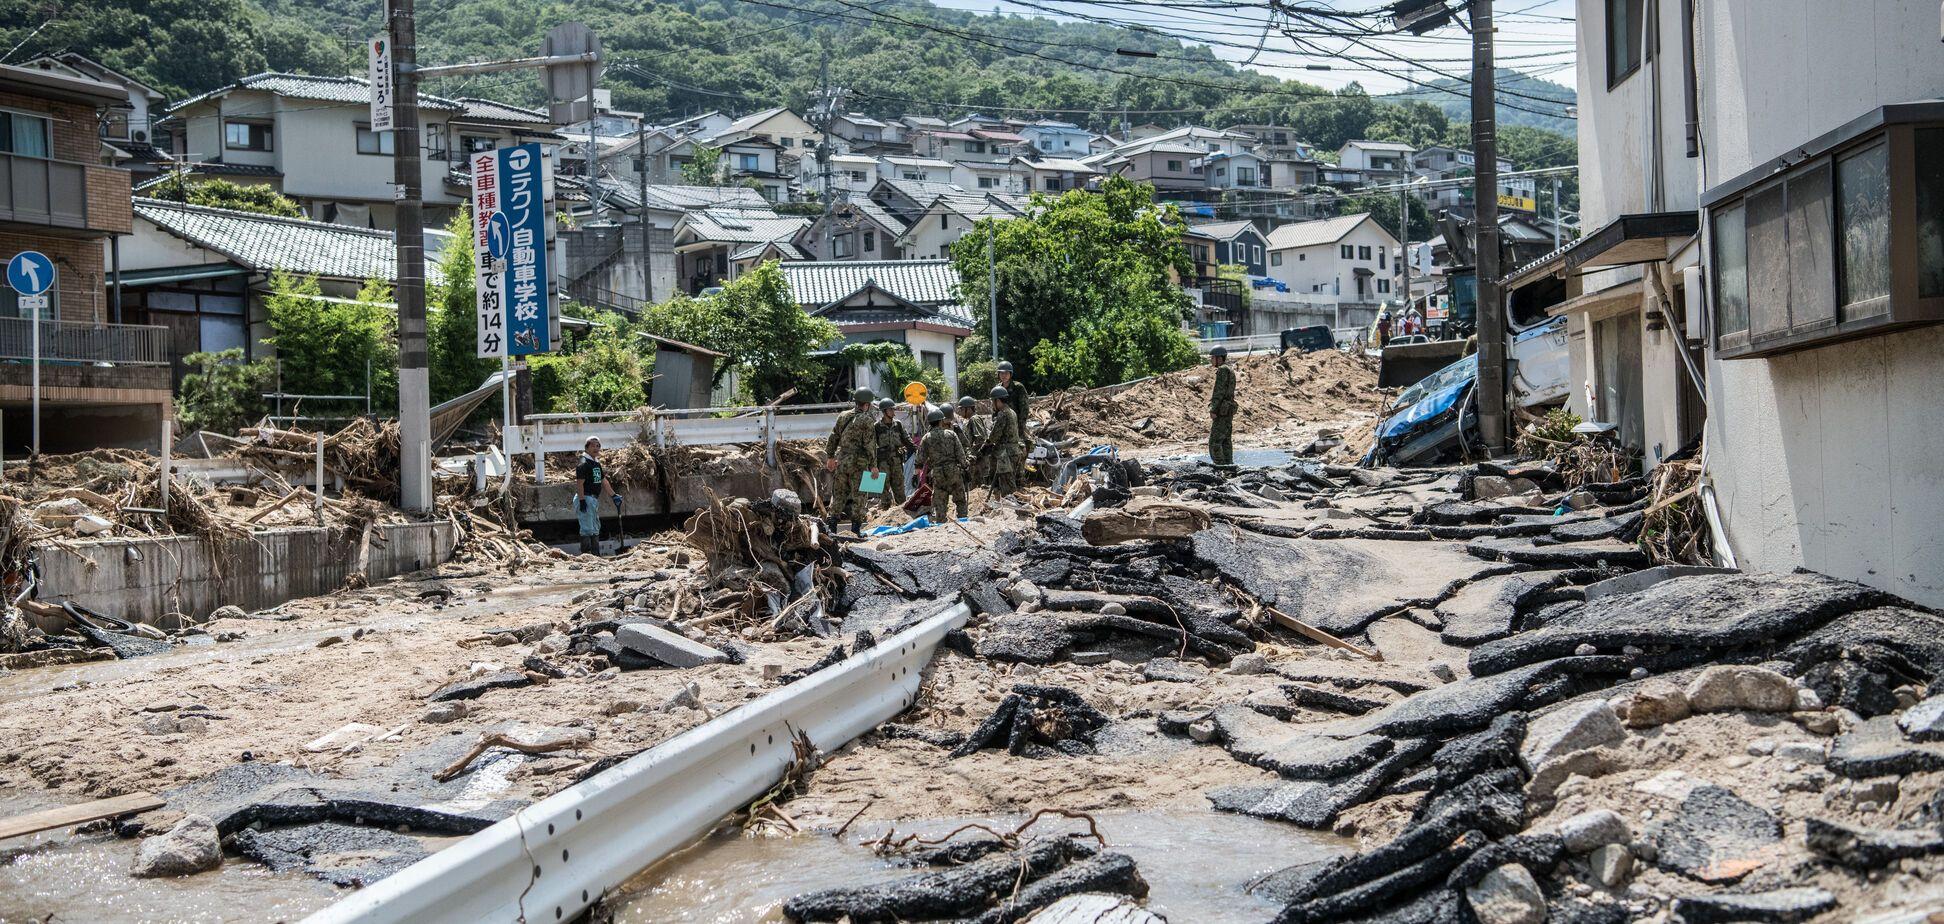 Японію накрила потужна повінь: кількість жертв сягнула 200 осіб